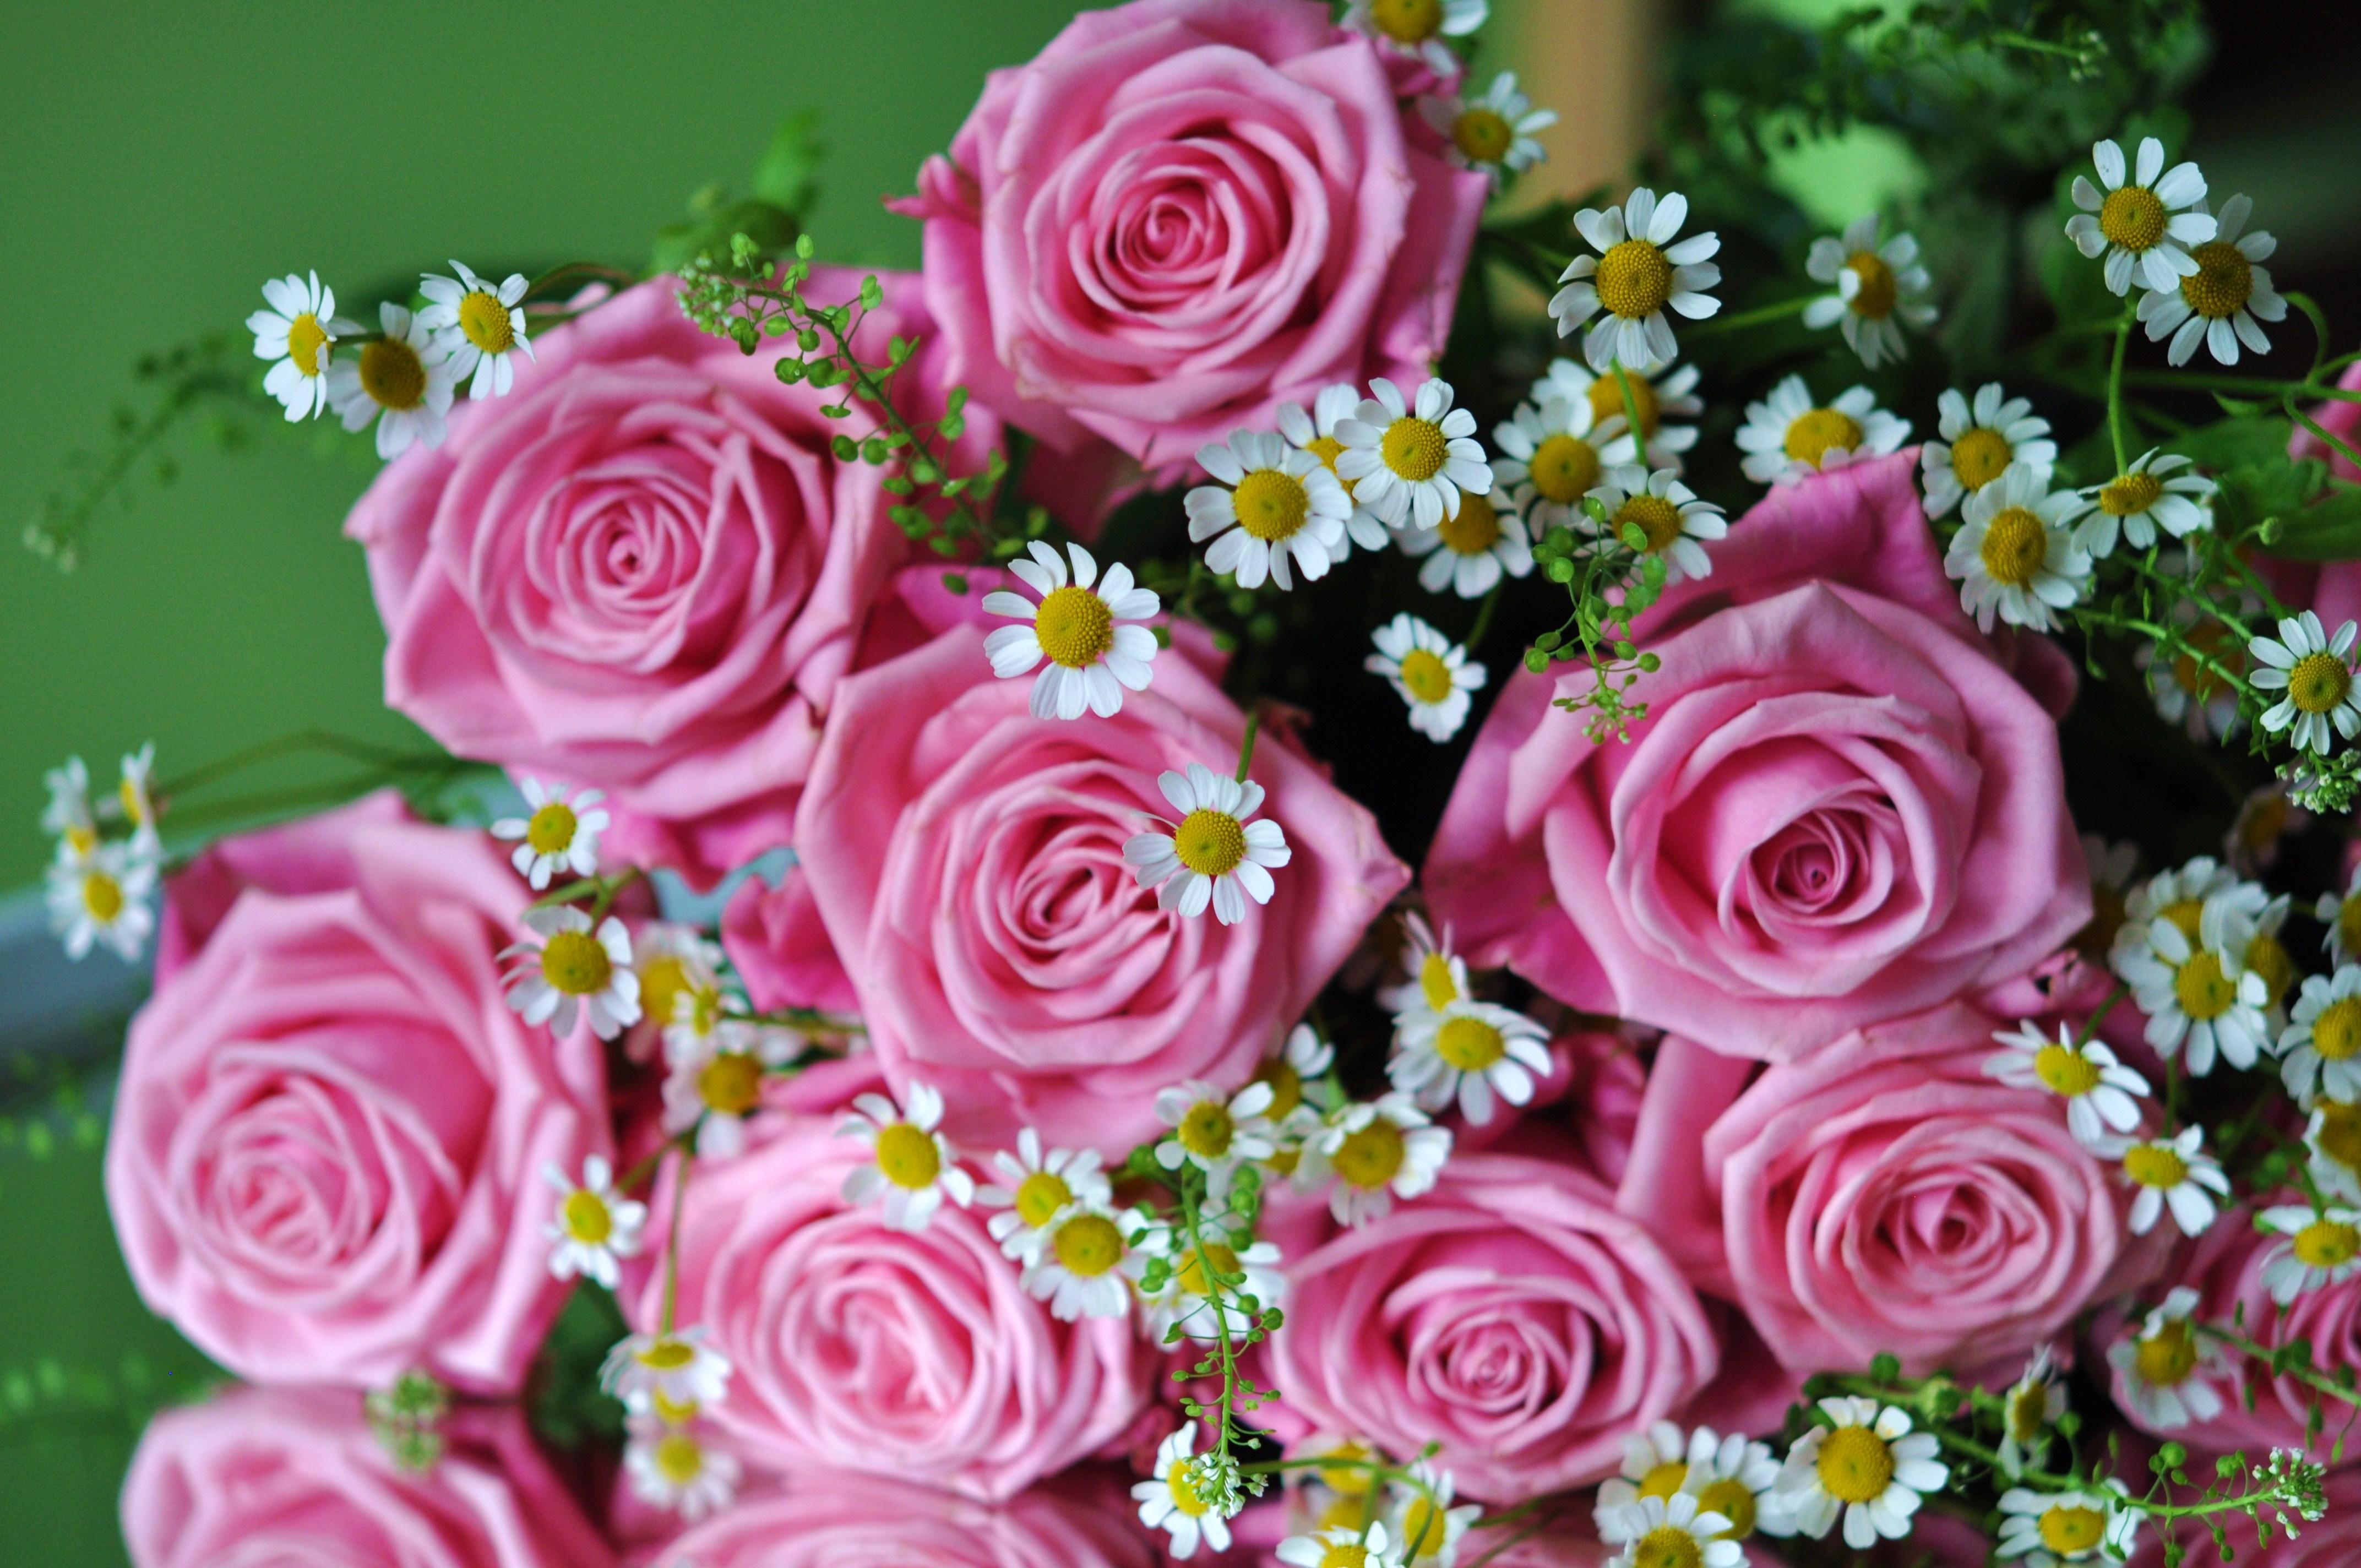 красивые открытки картинки фото цветов две недели лета